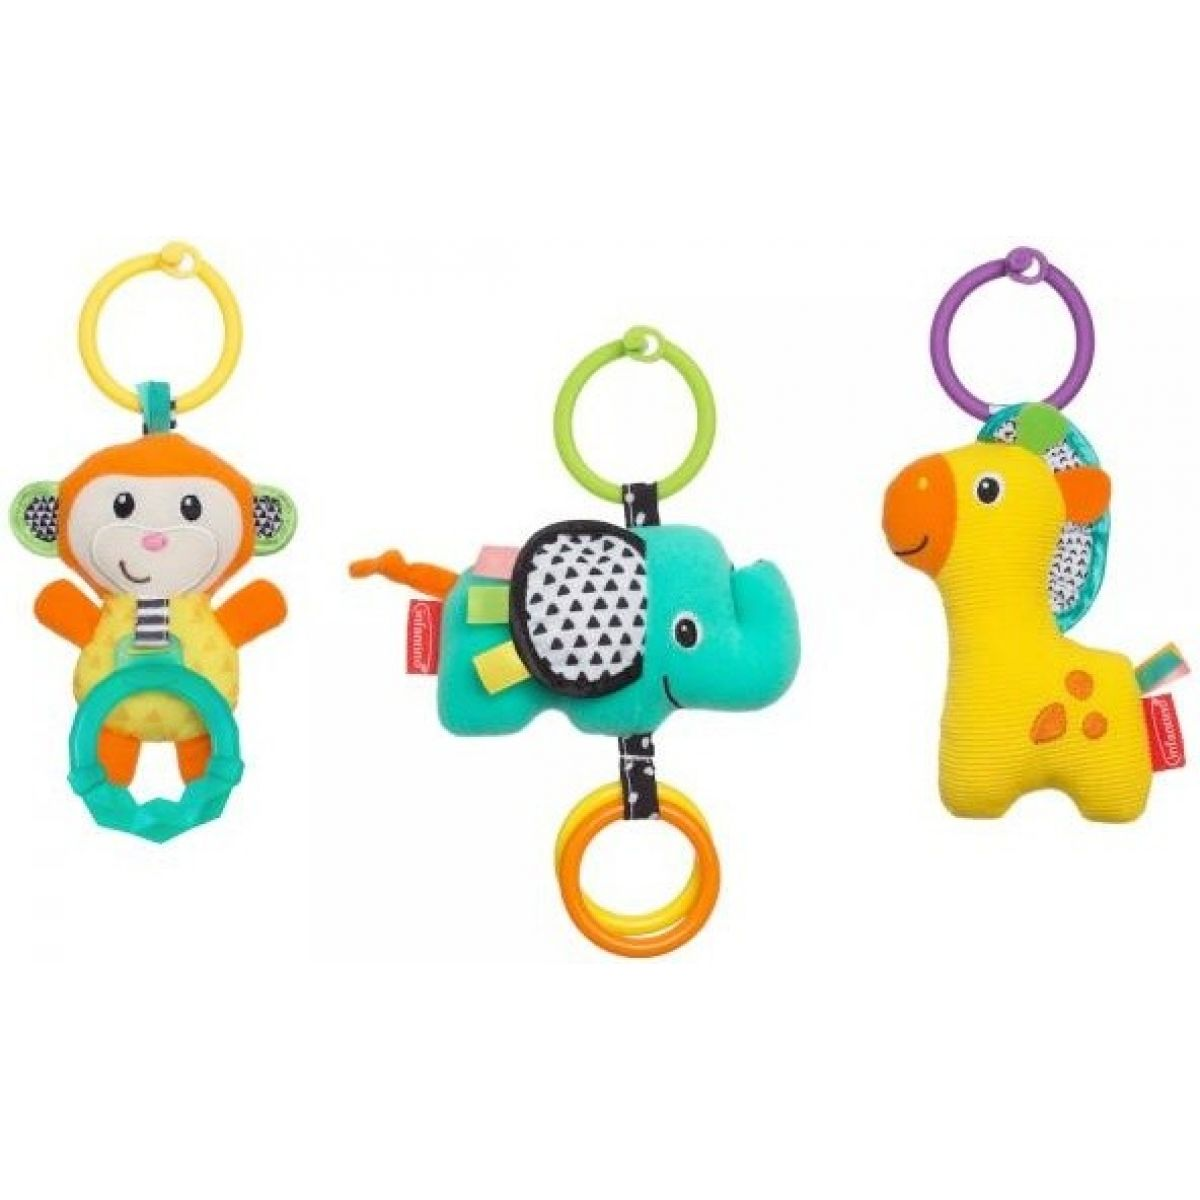 Infantino Závěsná zvířátka 3 ks Opice, slon, žirafa